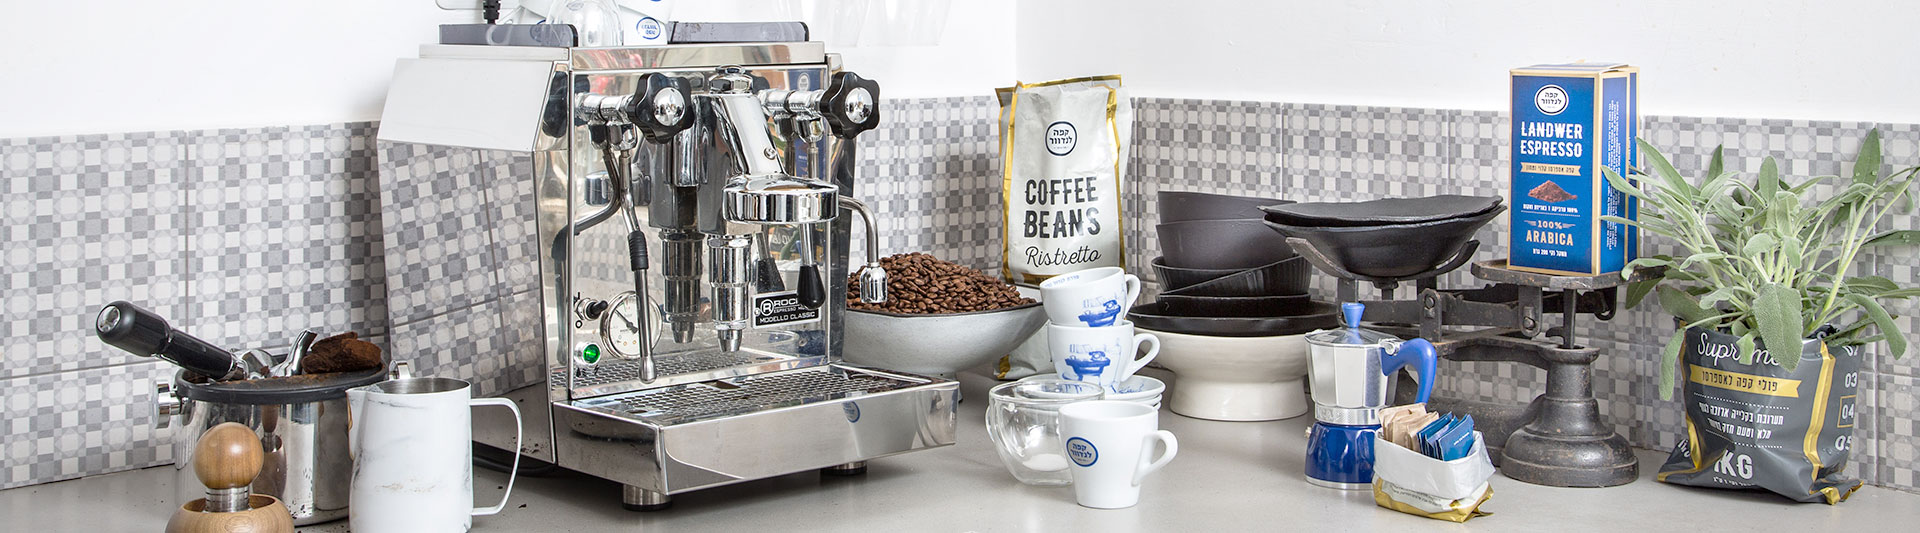 מכונות קפה מקצועיות לבית